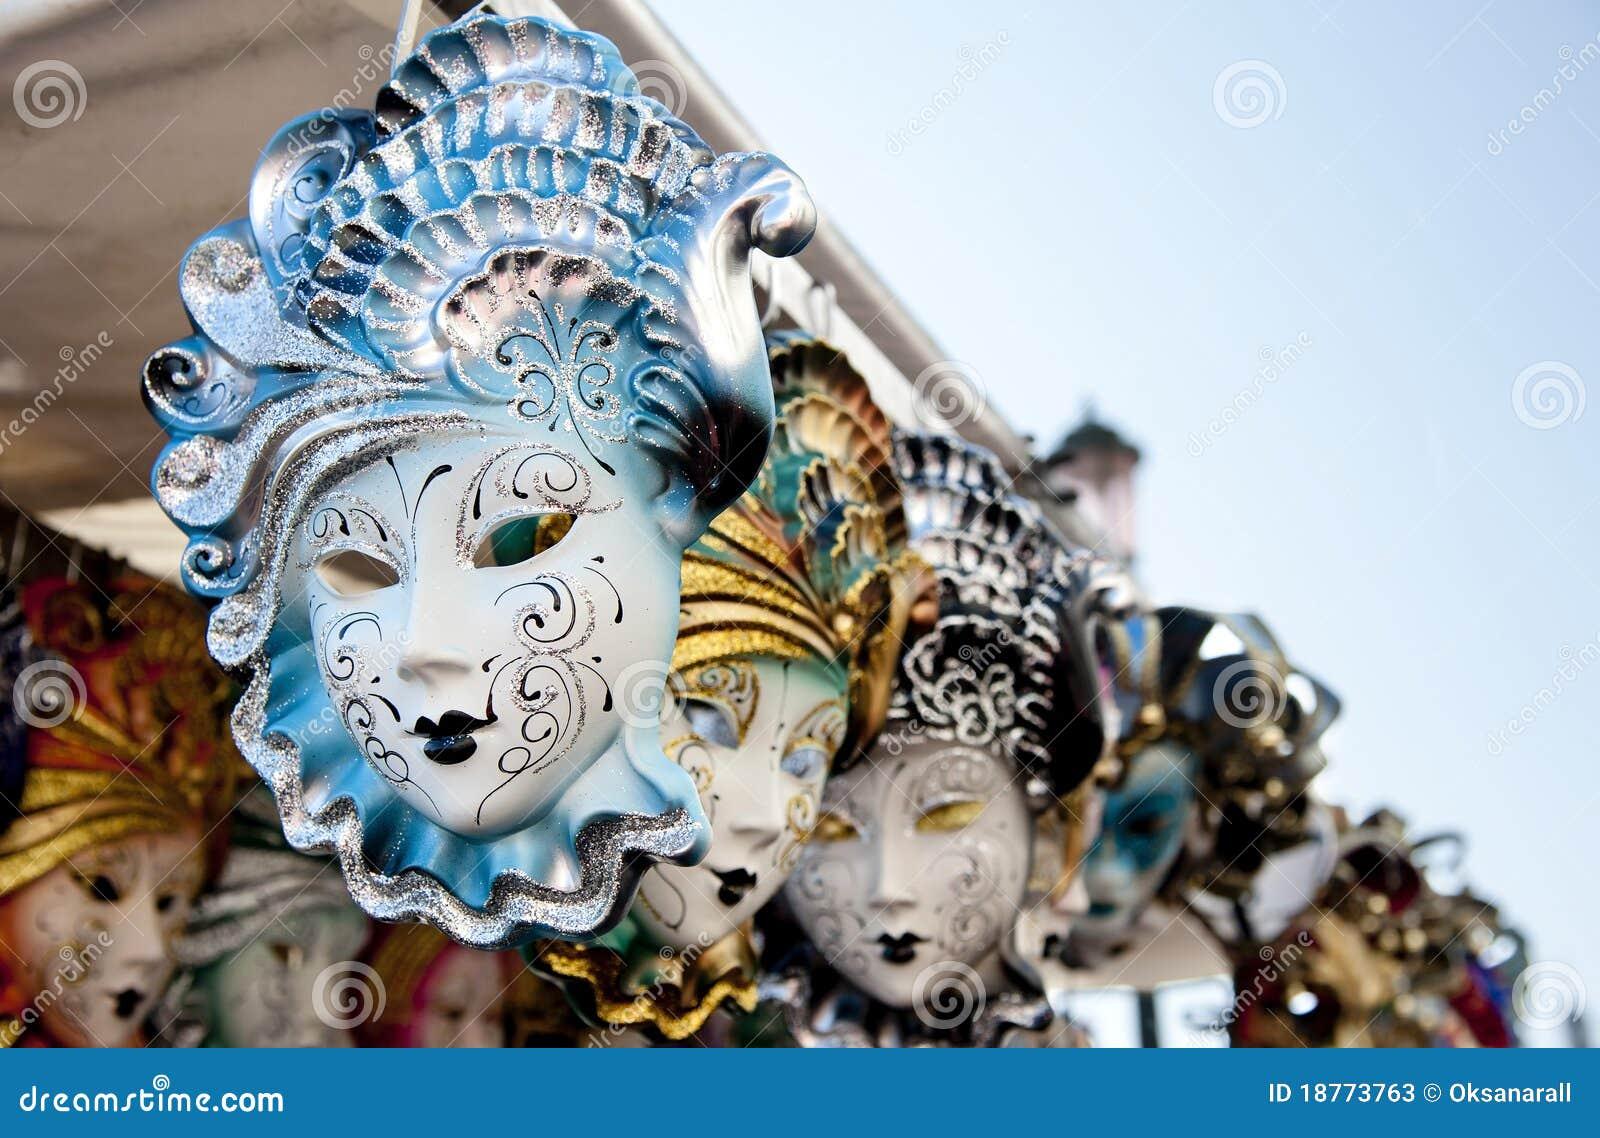 личном микроблоге сувениры в венеции фото сканди